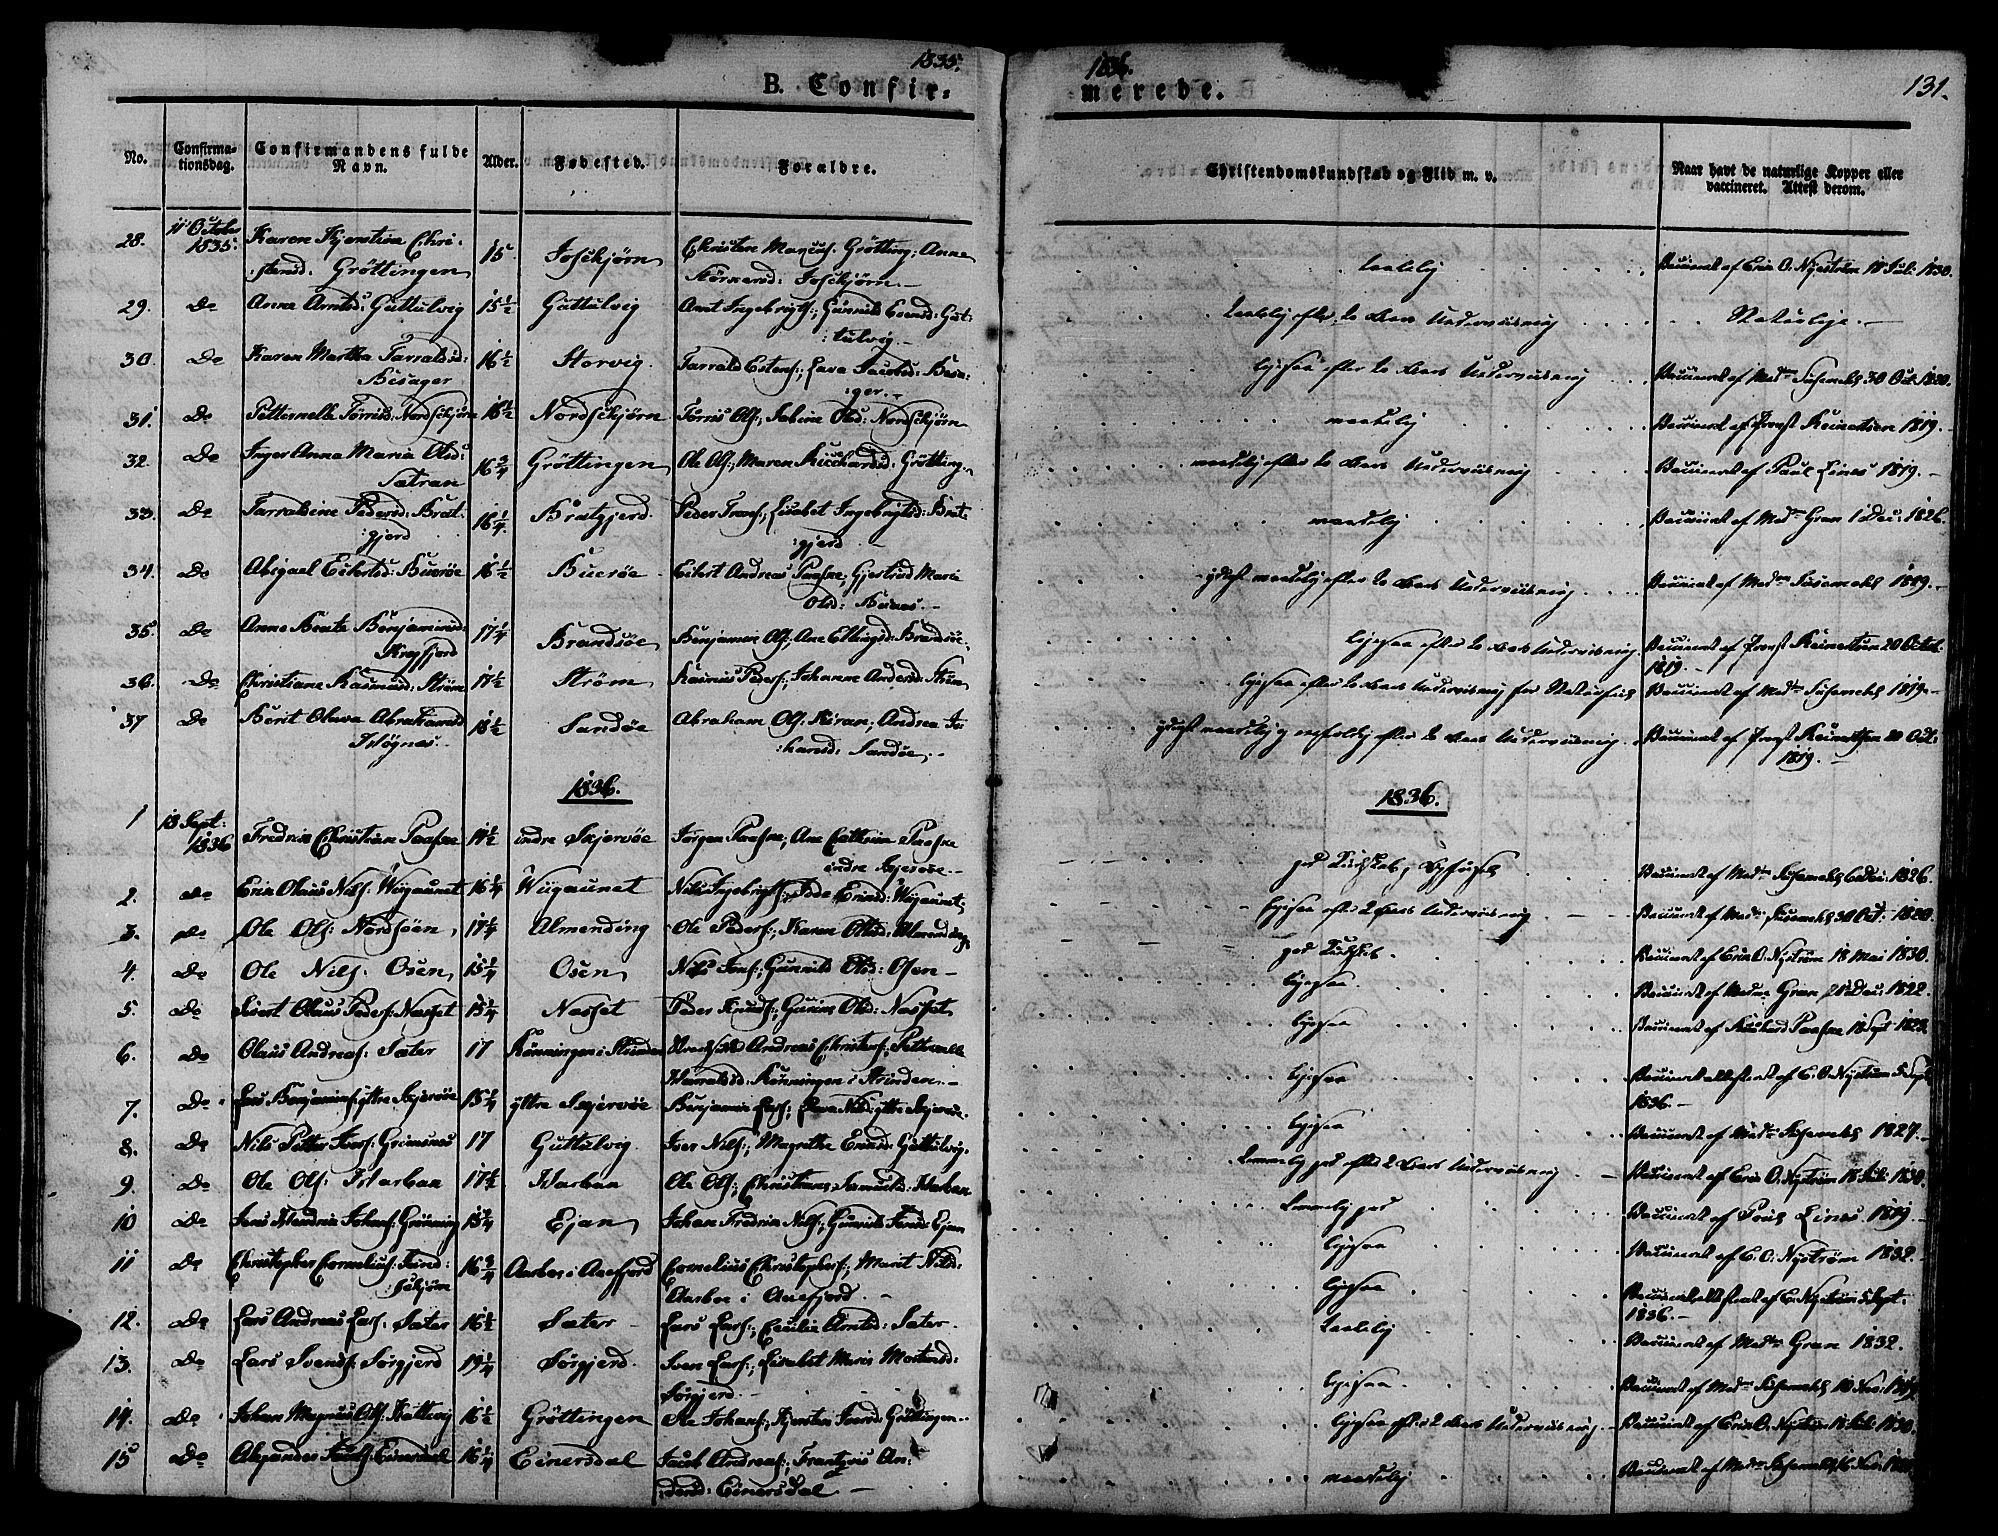 SAT, Ministerialprotokoller, klokkerbøker og fødselsregistre - Sør-Trøndelag, 657/L0703: Ministerialbok nr. 657A04, 1831-1846, s. 131